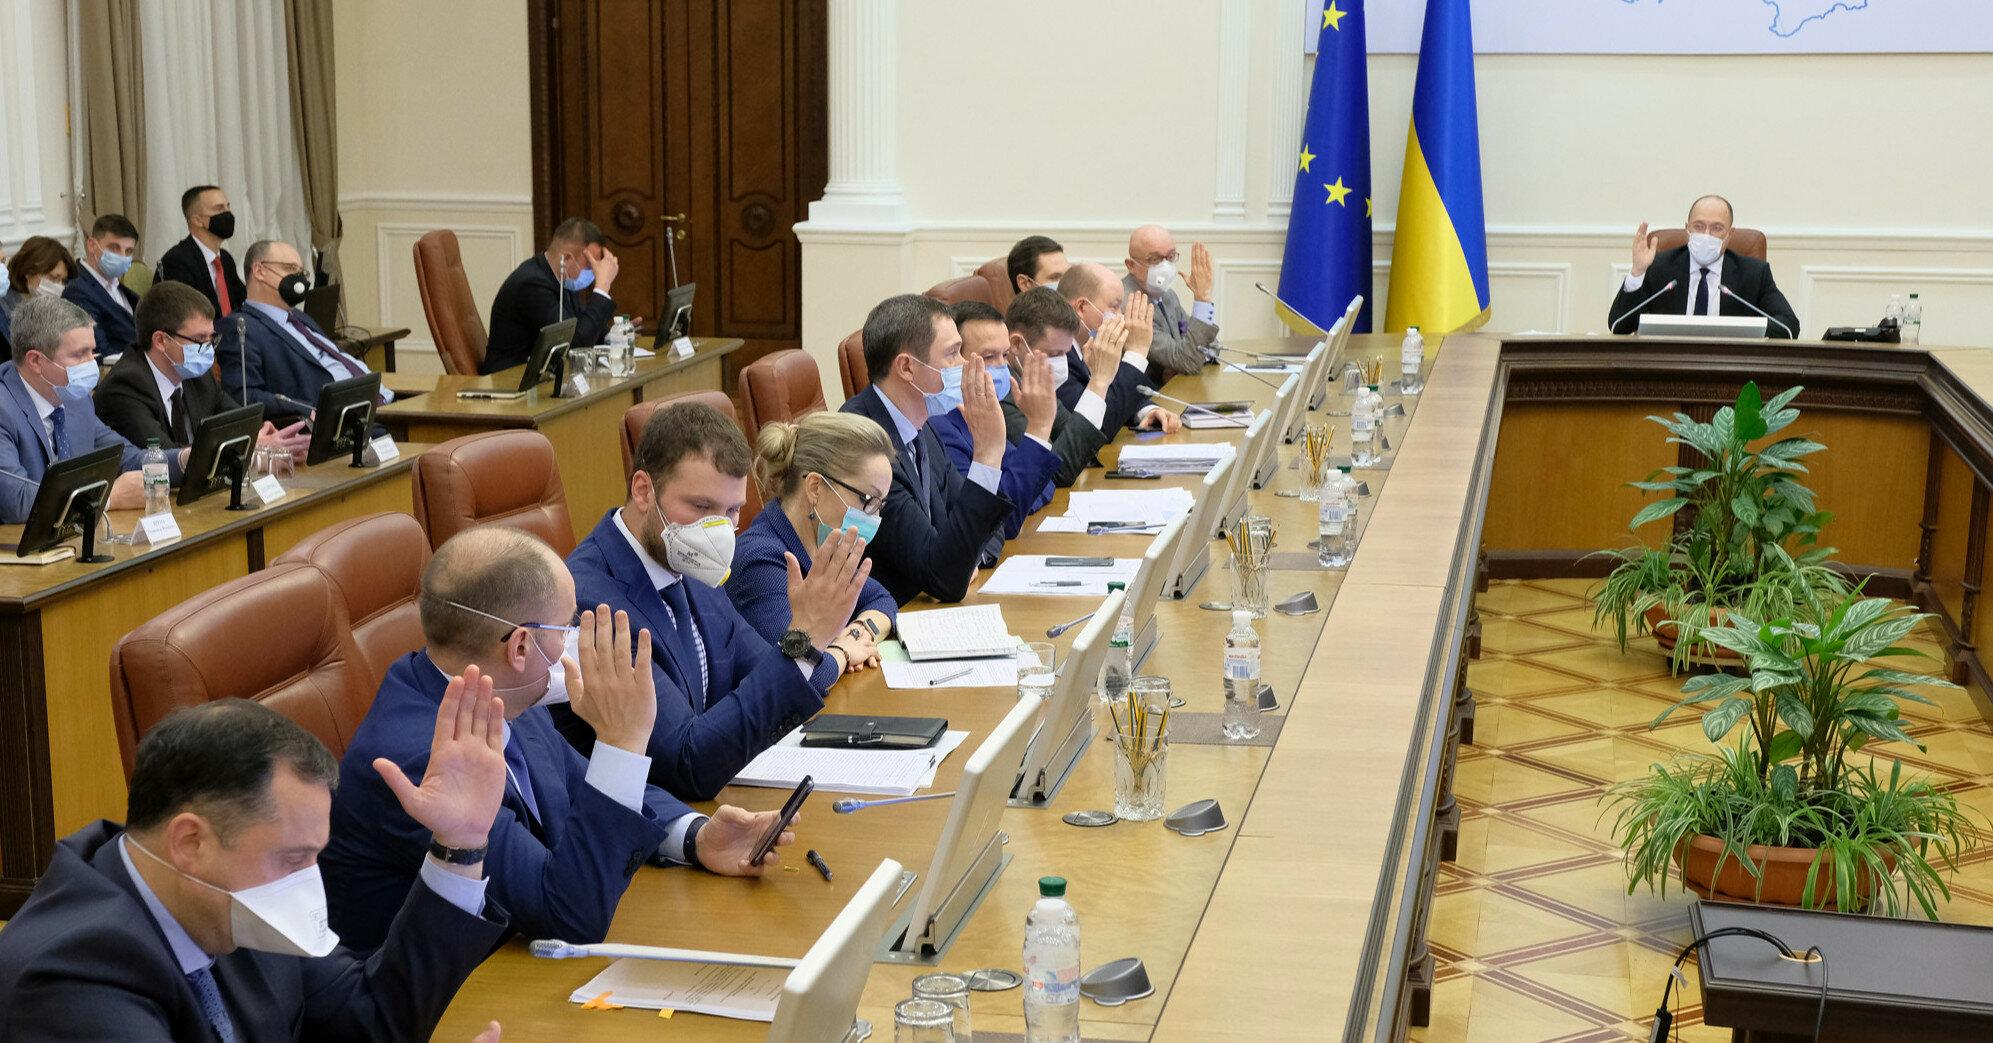 Кабмин одобрил введение санкций за оправдание агрессии РФ